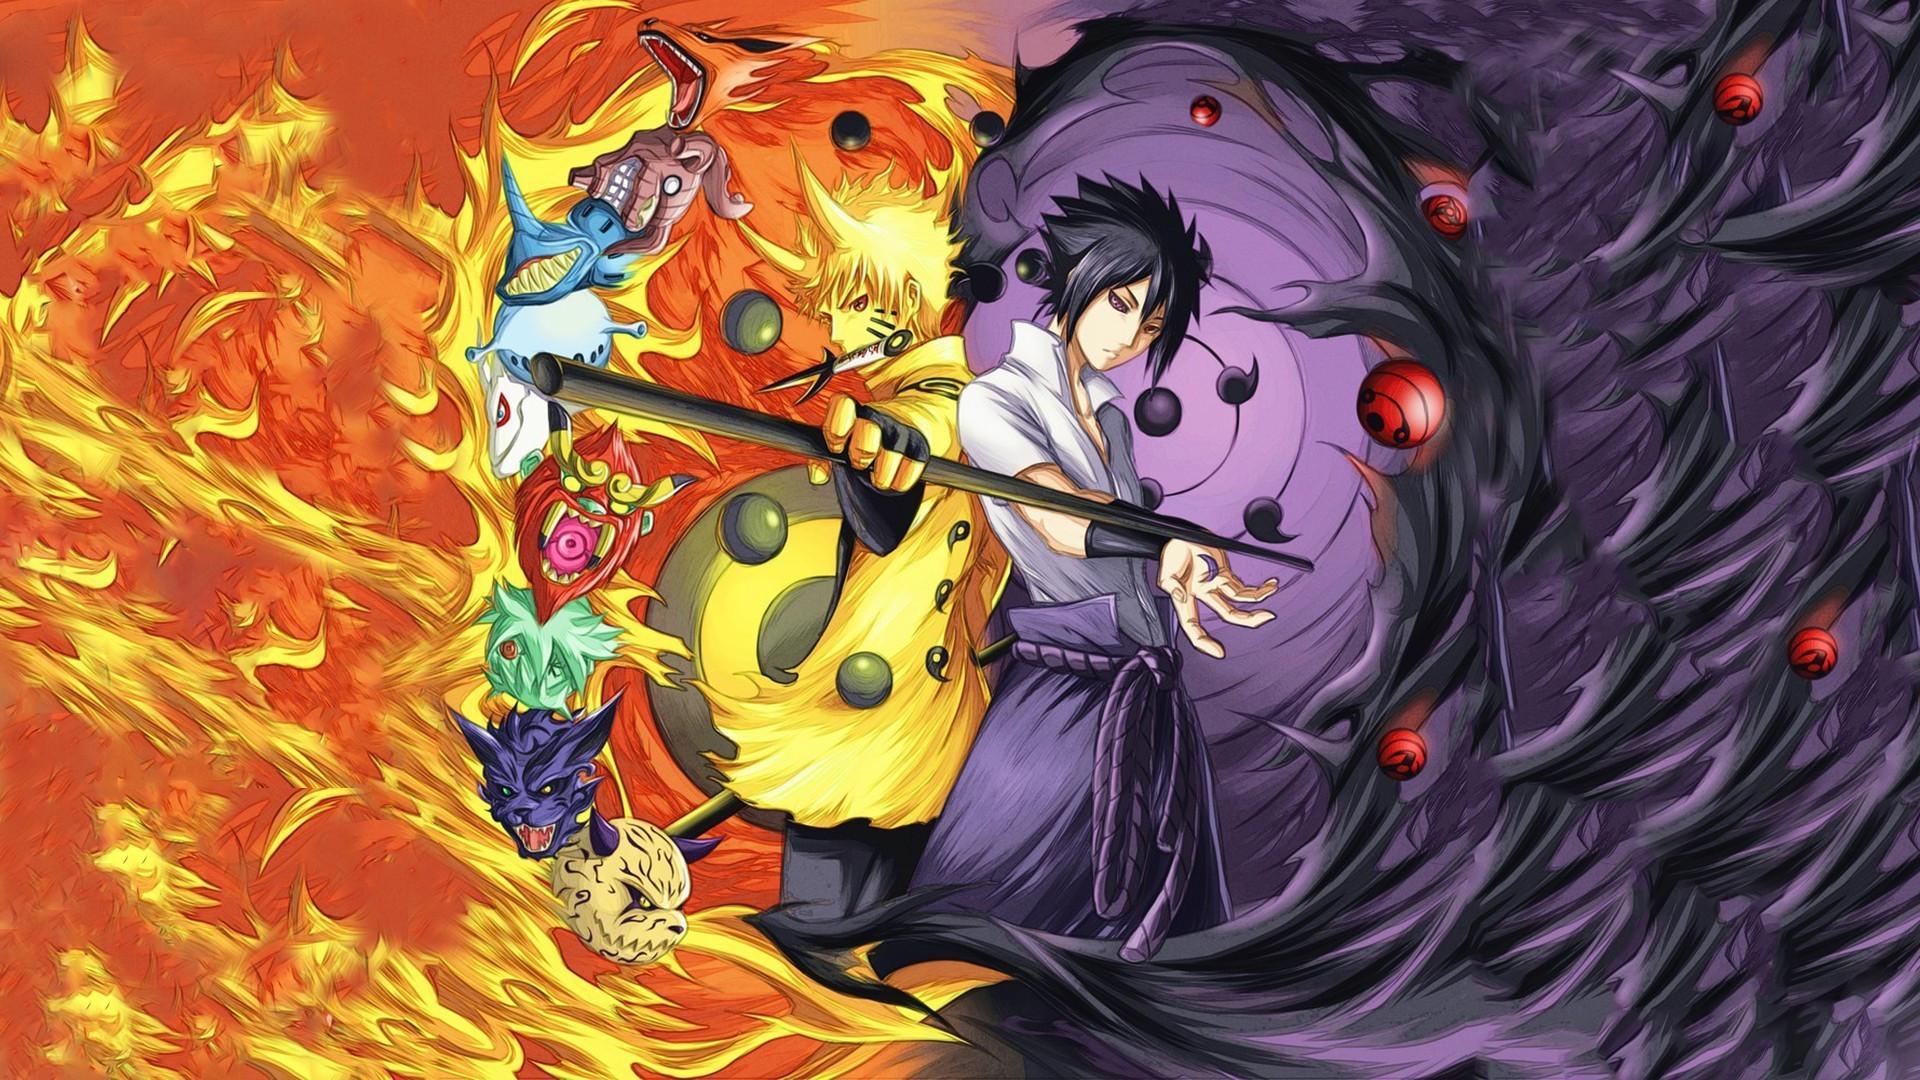 69 Naruto Sasuke Wallpapers on WallpaperPlay